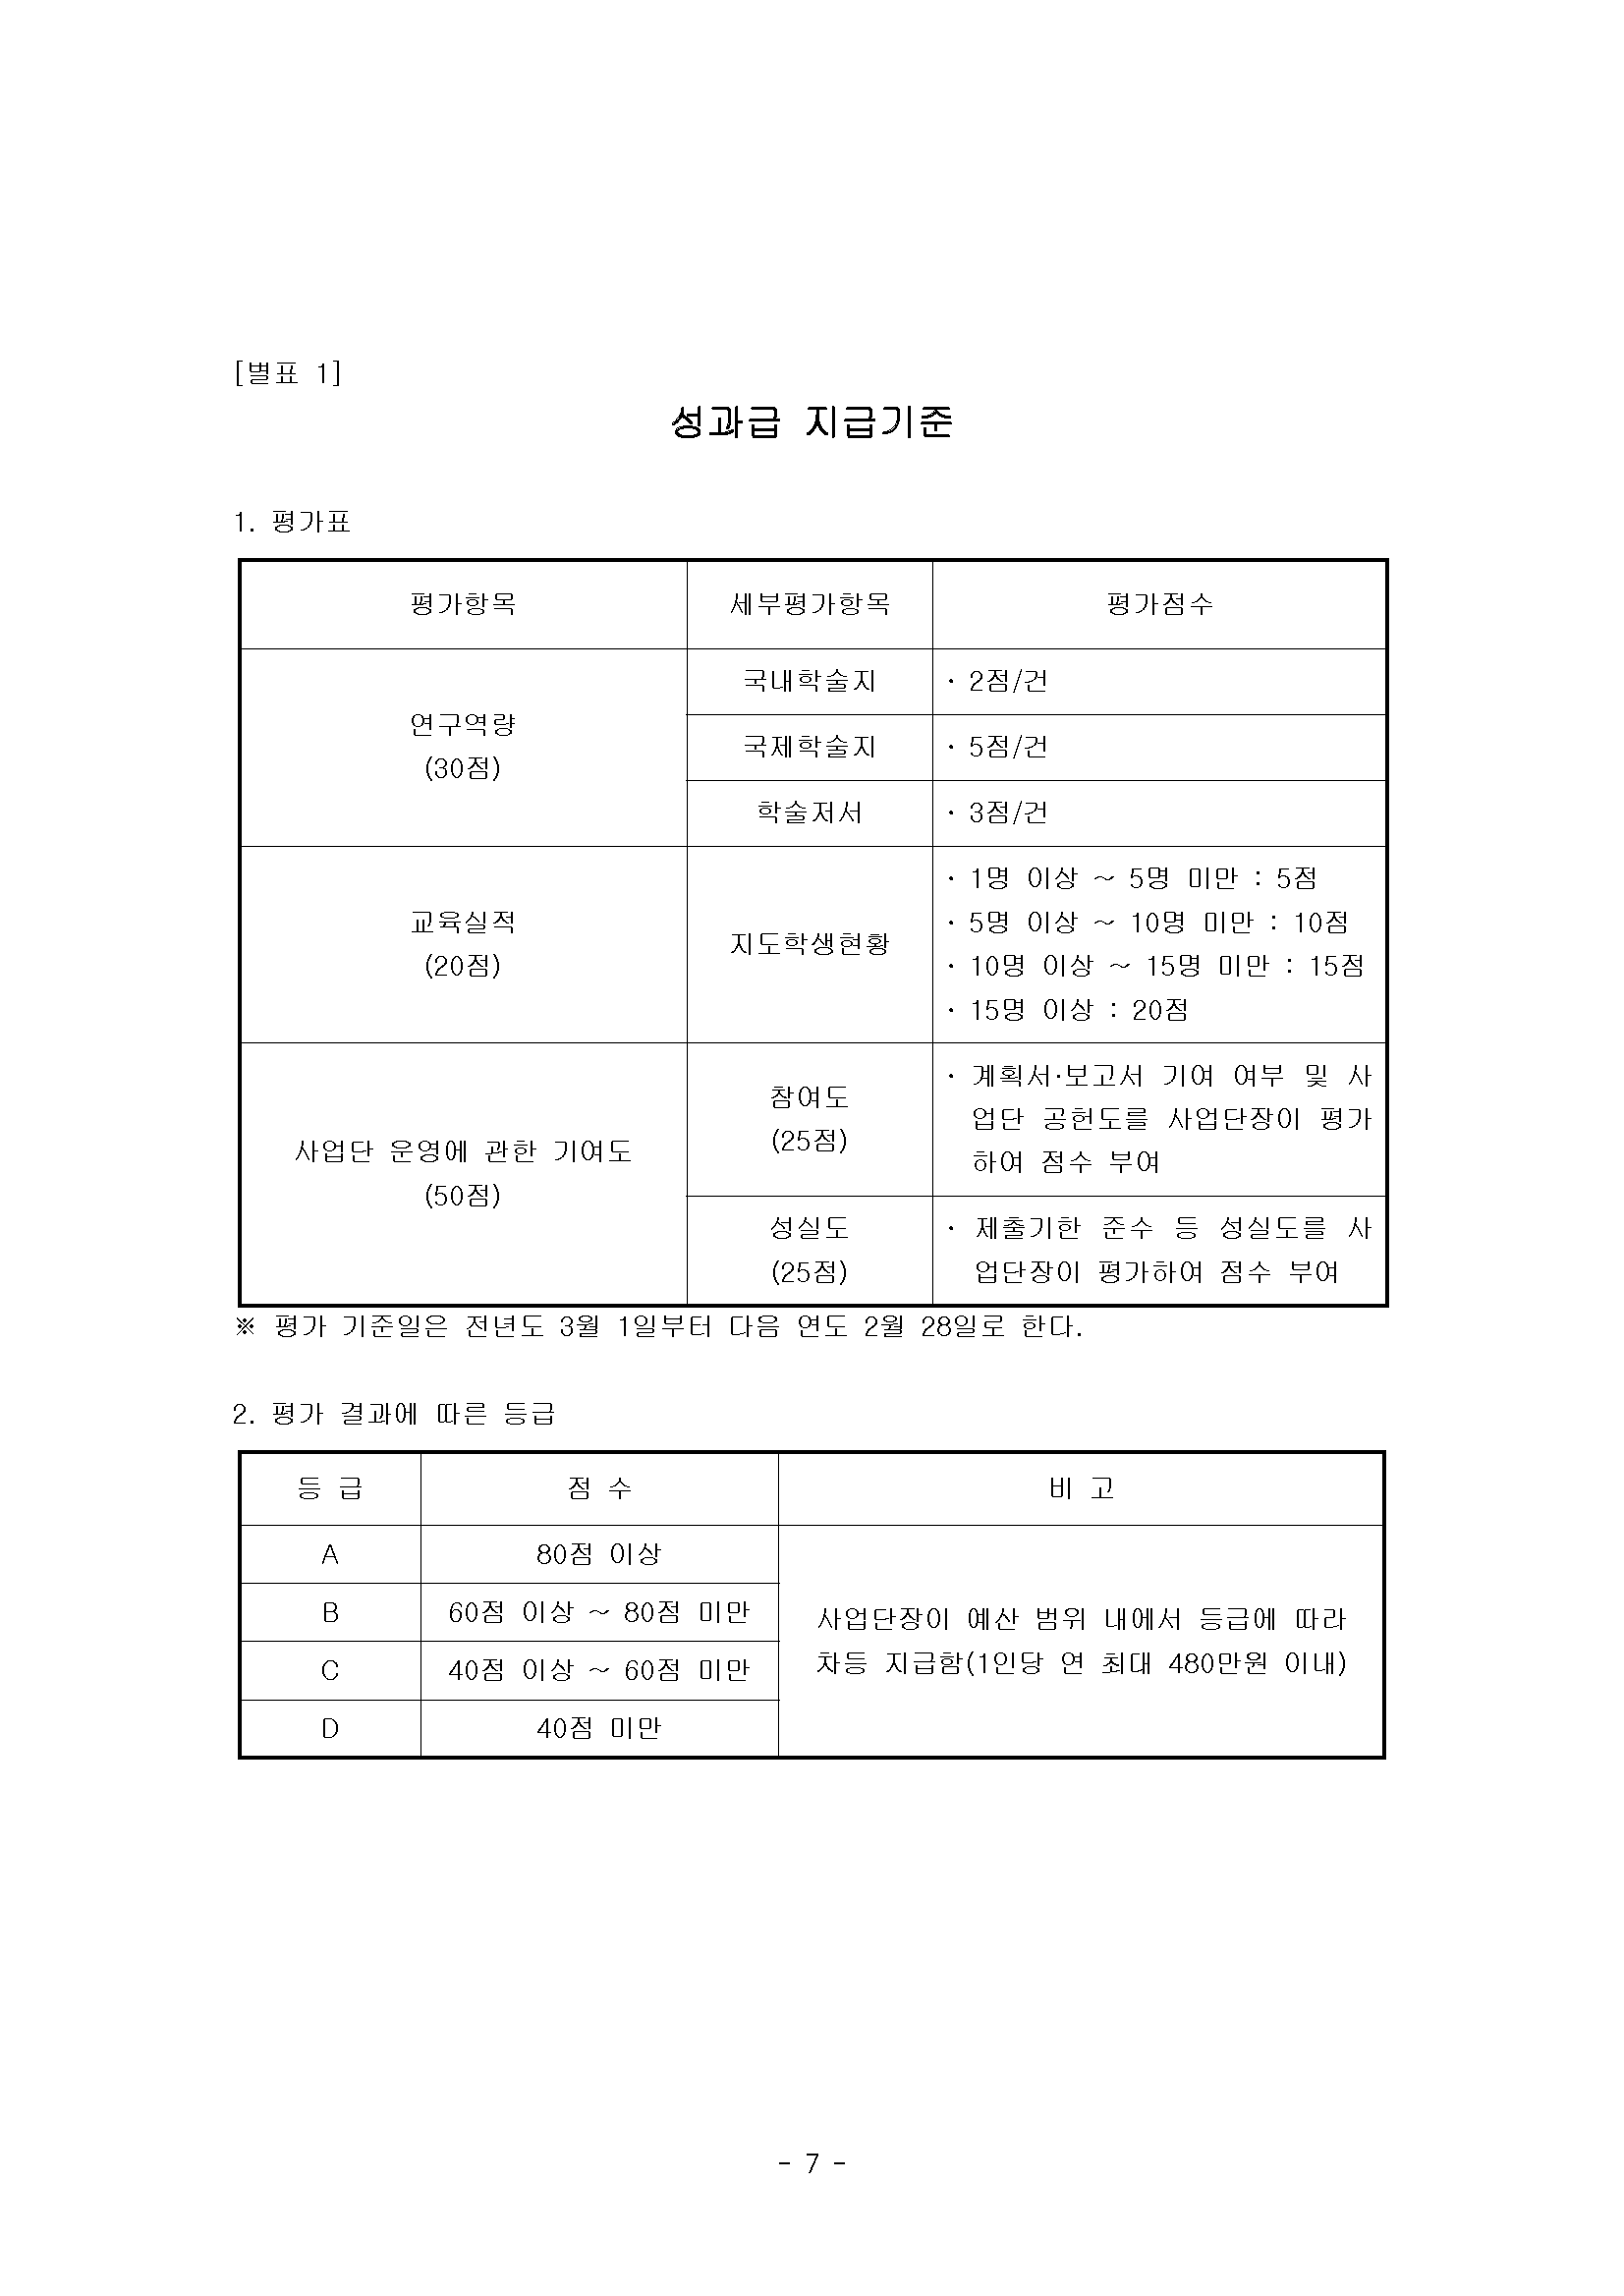 4단계 BK21 운영내규(21.04.27)_수정_페이지_7